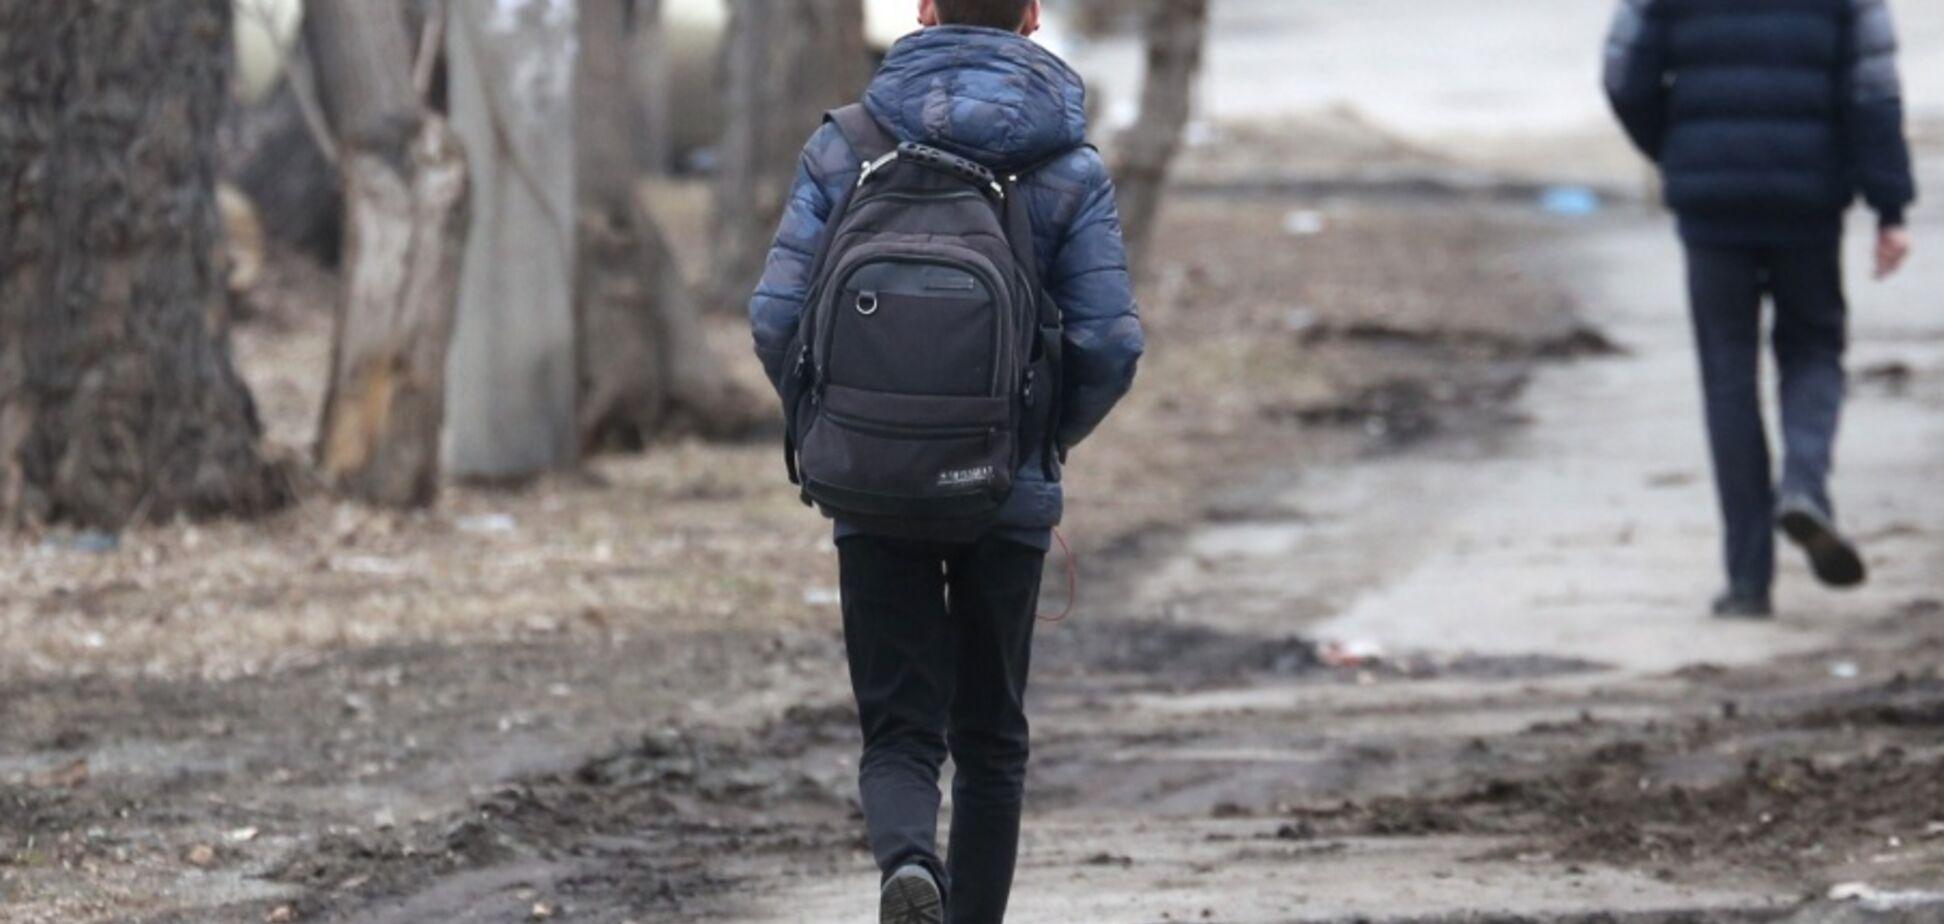 ''Іди за мною!'' В Україні на вулицях почали орудувати ''мисливці'' за дітьми